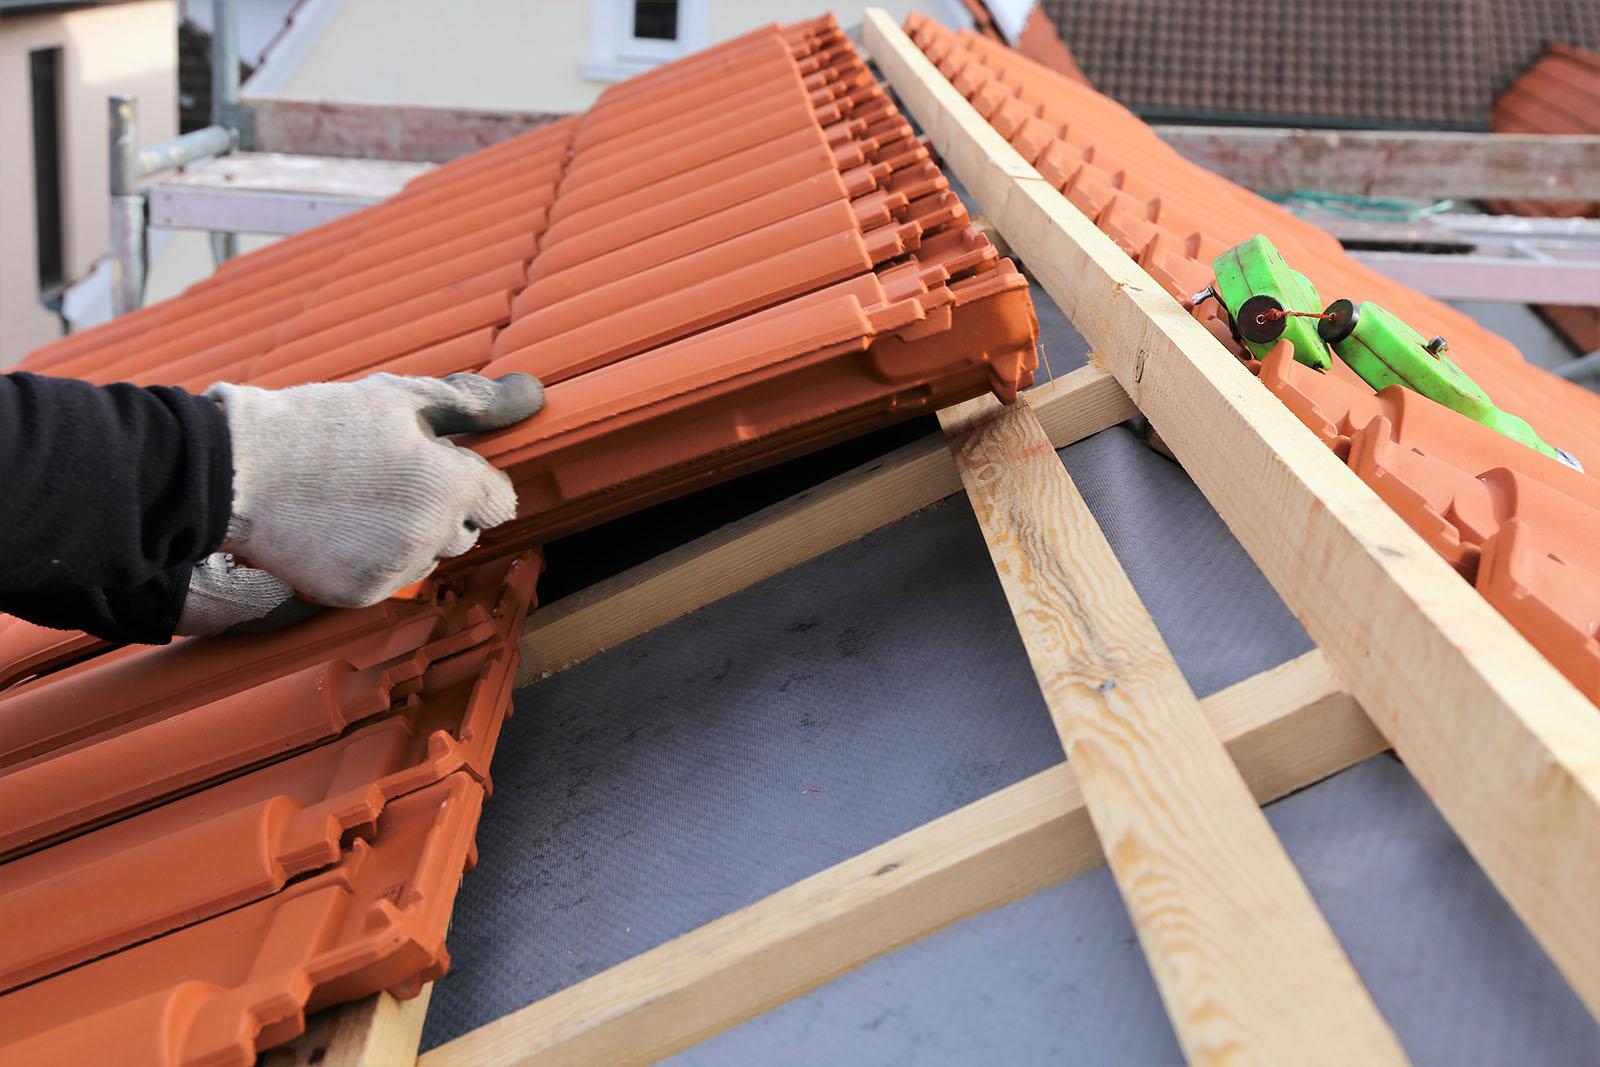 Kontakta oss för takläggare i Haninge. Vi har takläggare i Haninge för alla slags takarbeten.